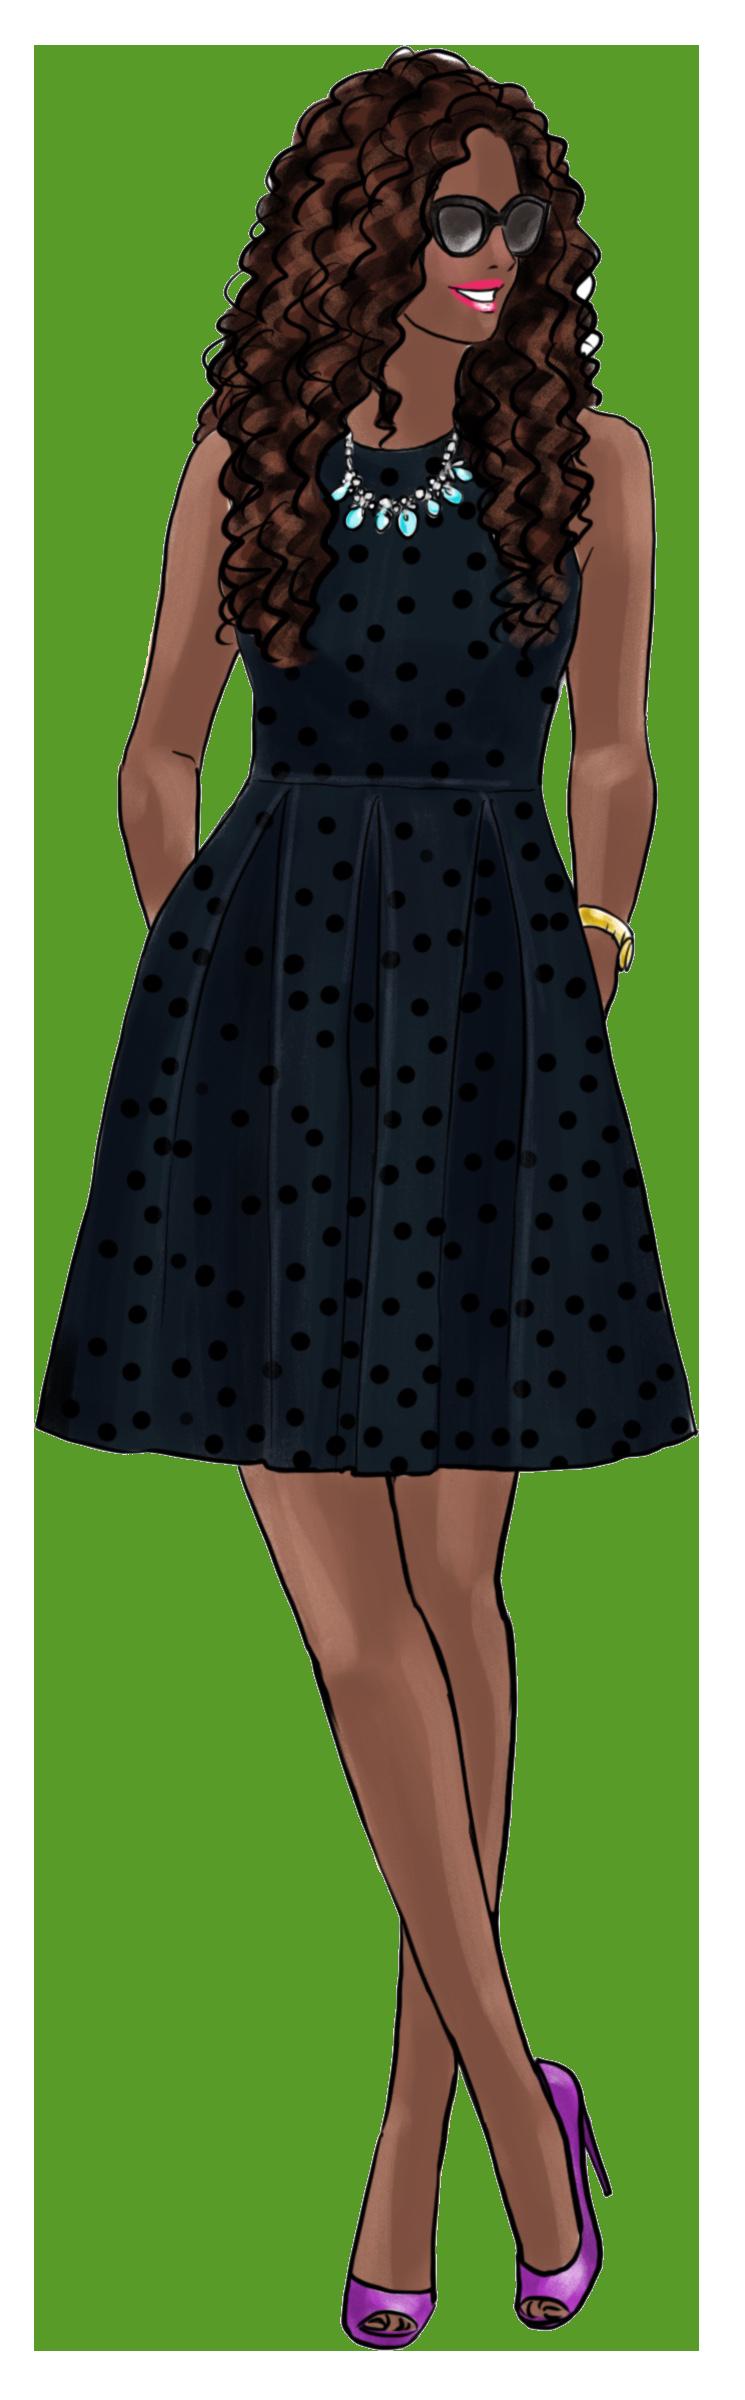 Fashion Girls 36 - dark skin 5 png